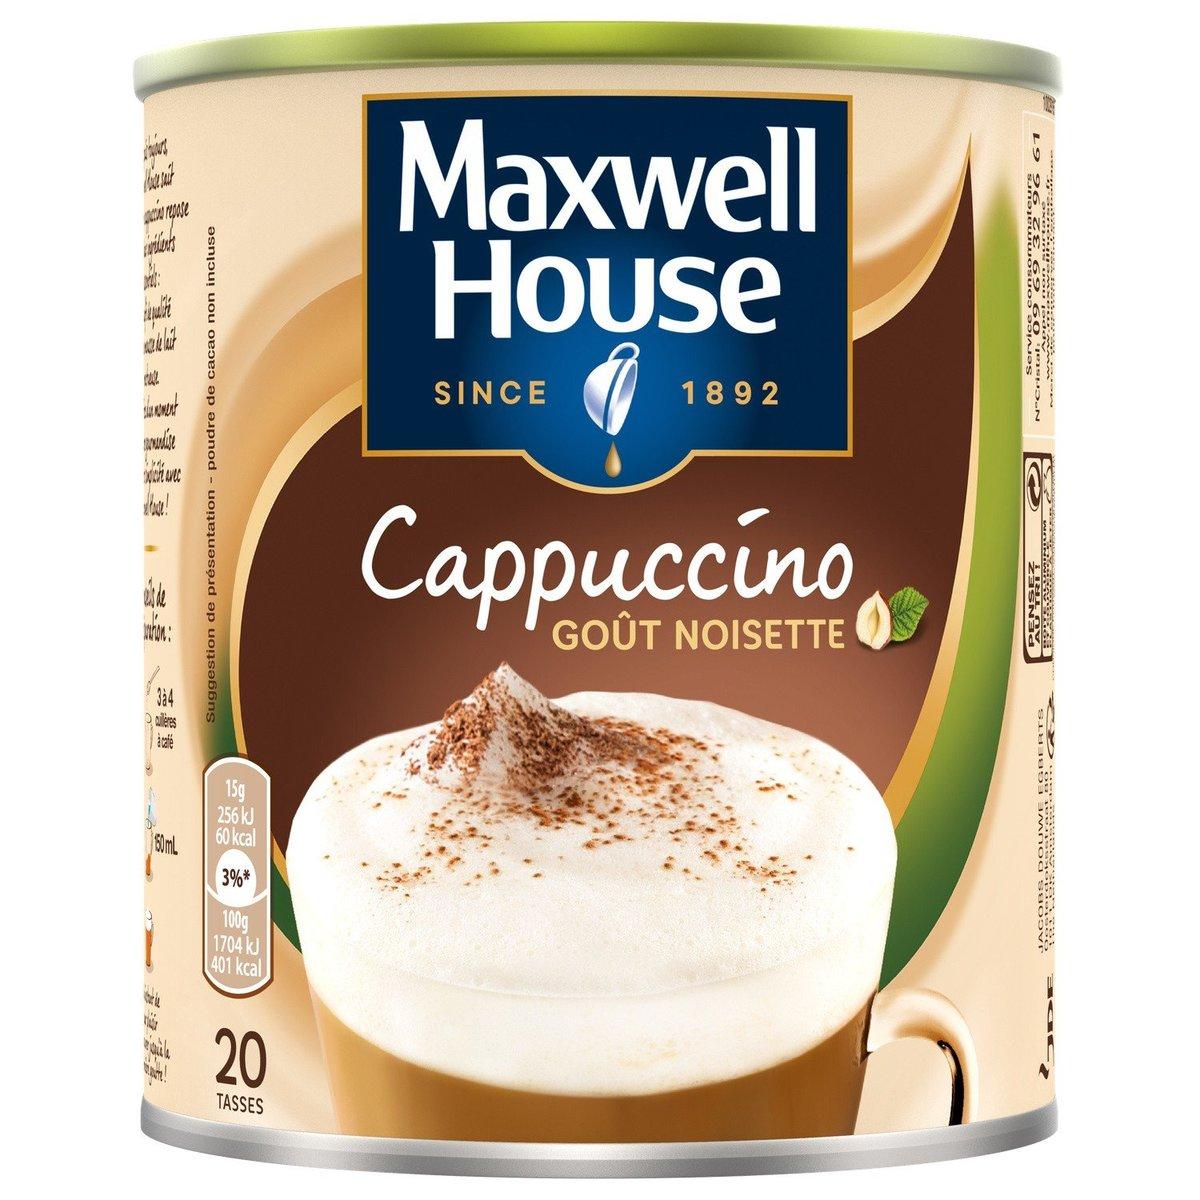 法國直送 - MAXWELL HOUSE - 意大利榛子泡沫咖啡 - 305g